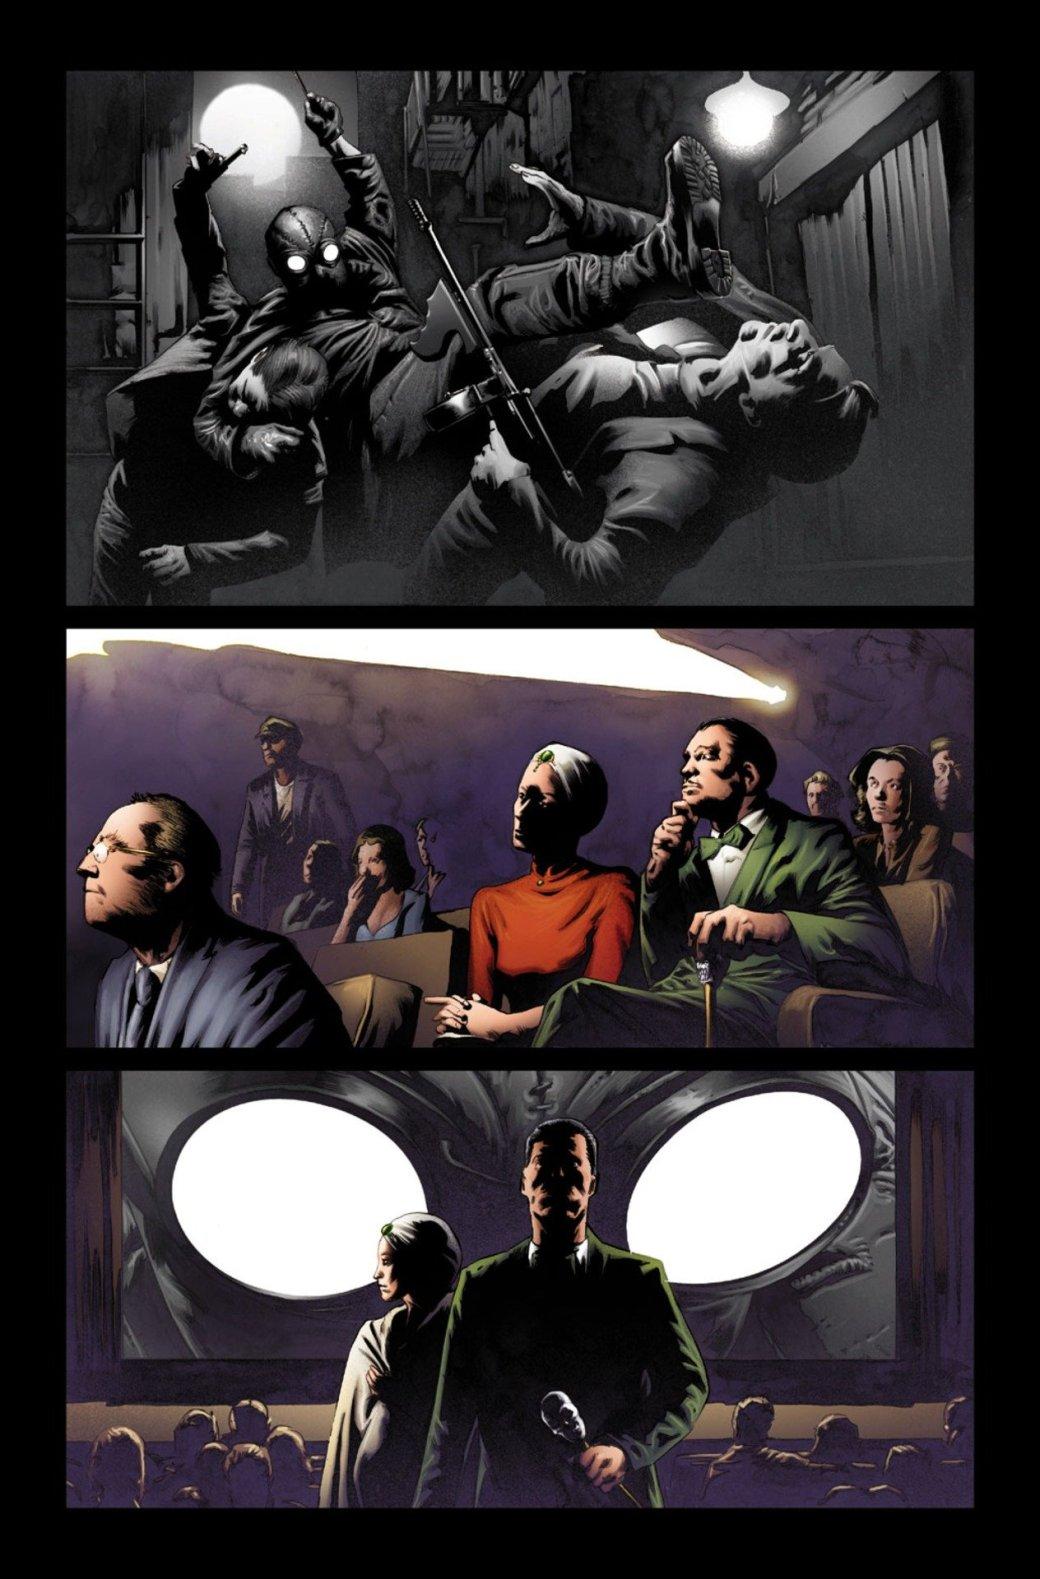 Легендарные комиксы про Человека-паука, которые стоит прочесть. Часть 2. - Изображение 6